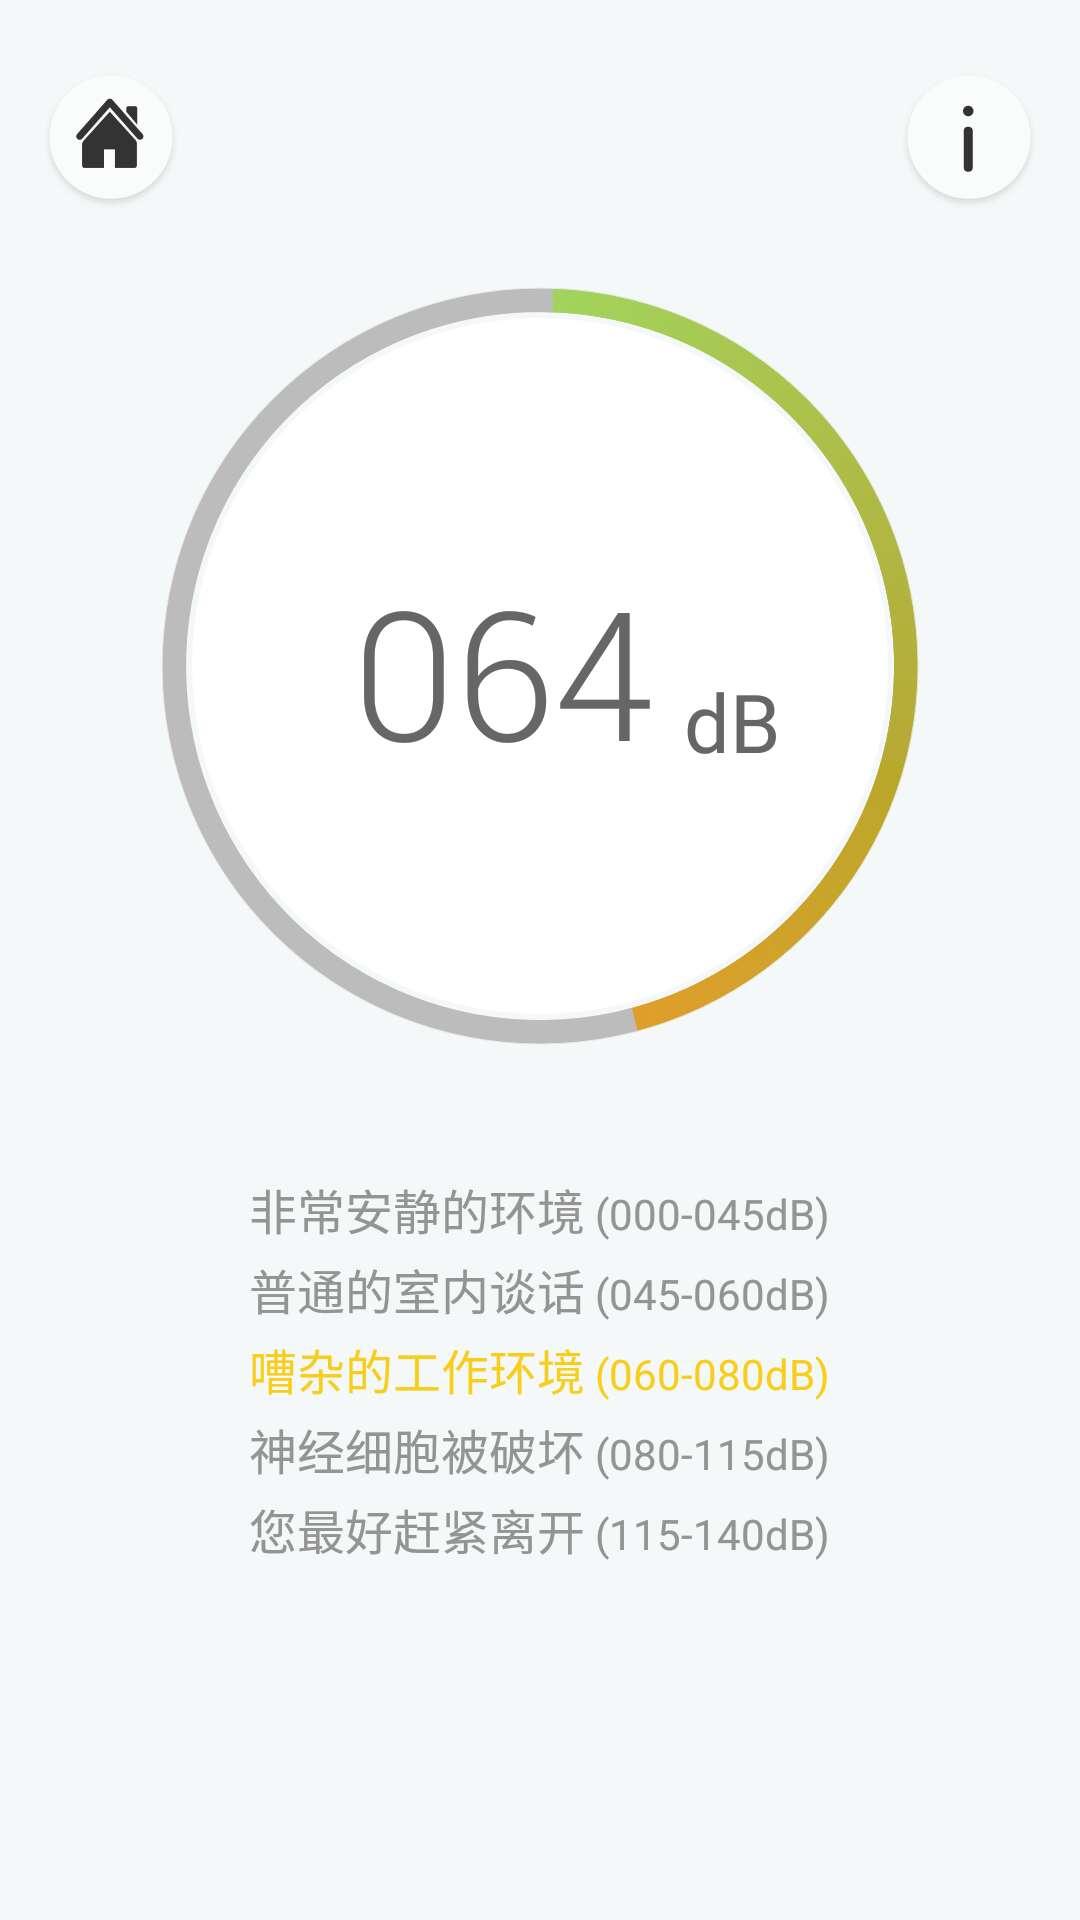 星际蜗牛C款i211网卡服务器(第二篇)改造风扇篇 互联网IT 第18张